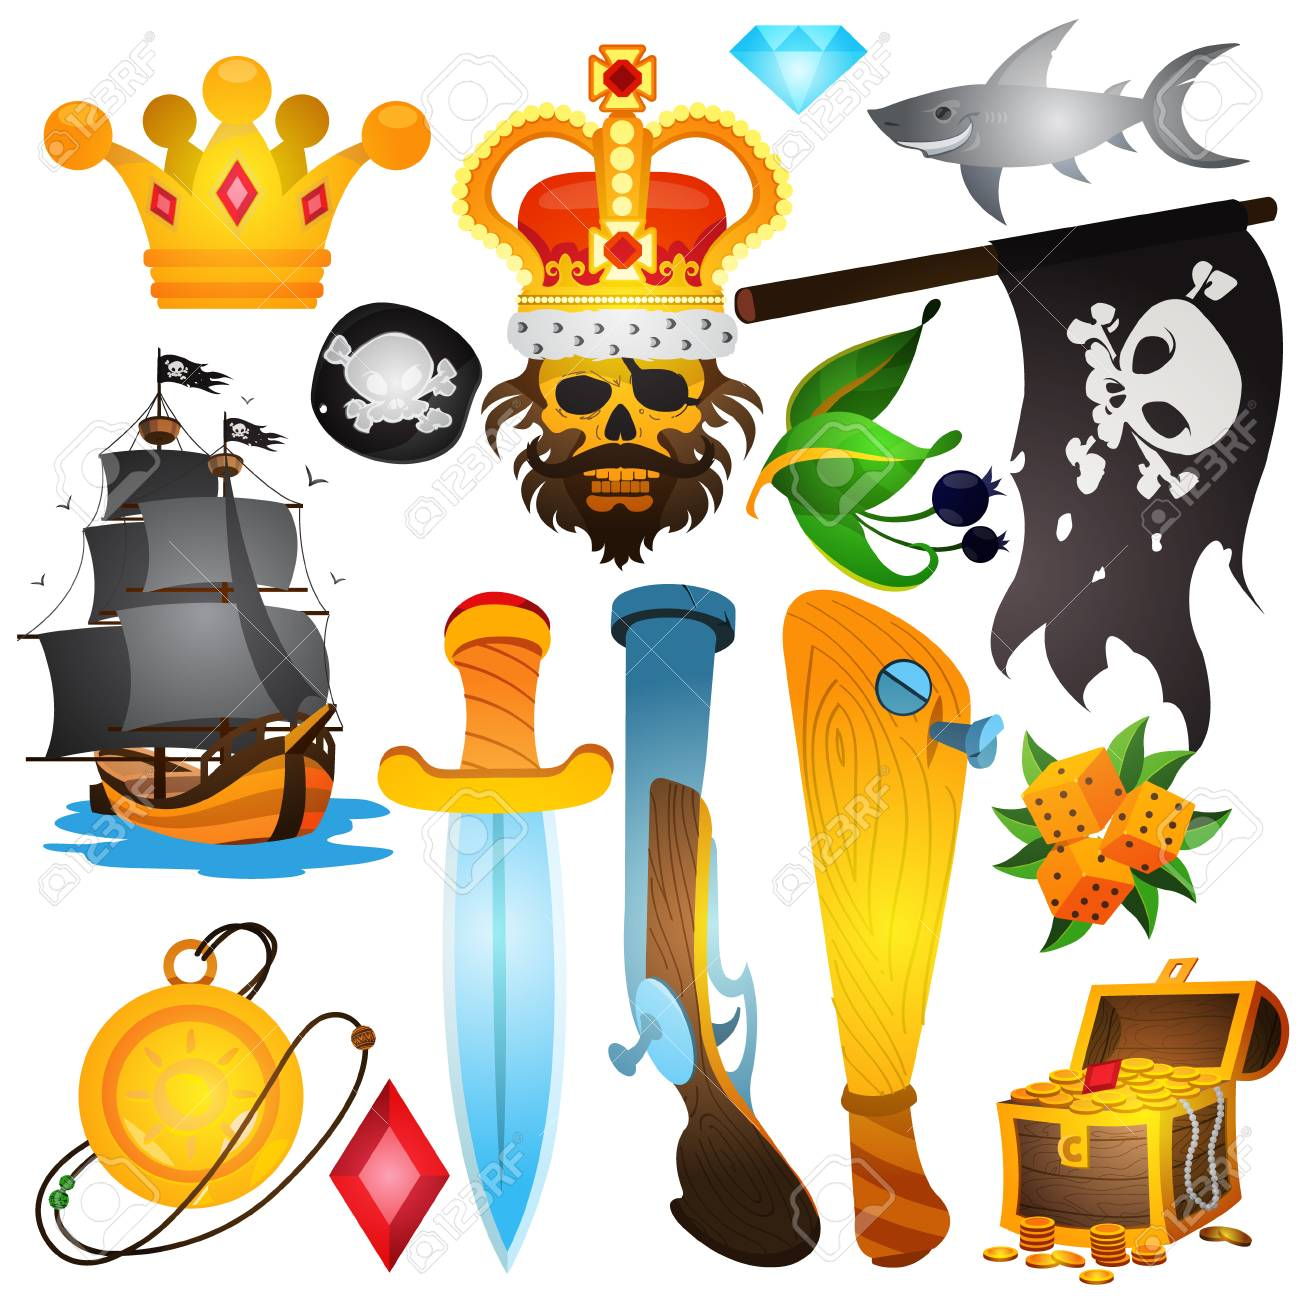 イラスト海賊属性を設定します中世の海賊の様々 なアイテムテーマの